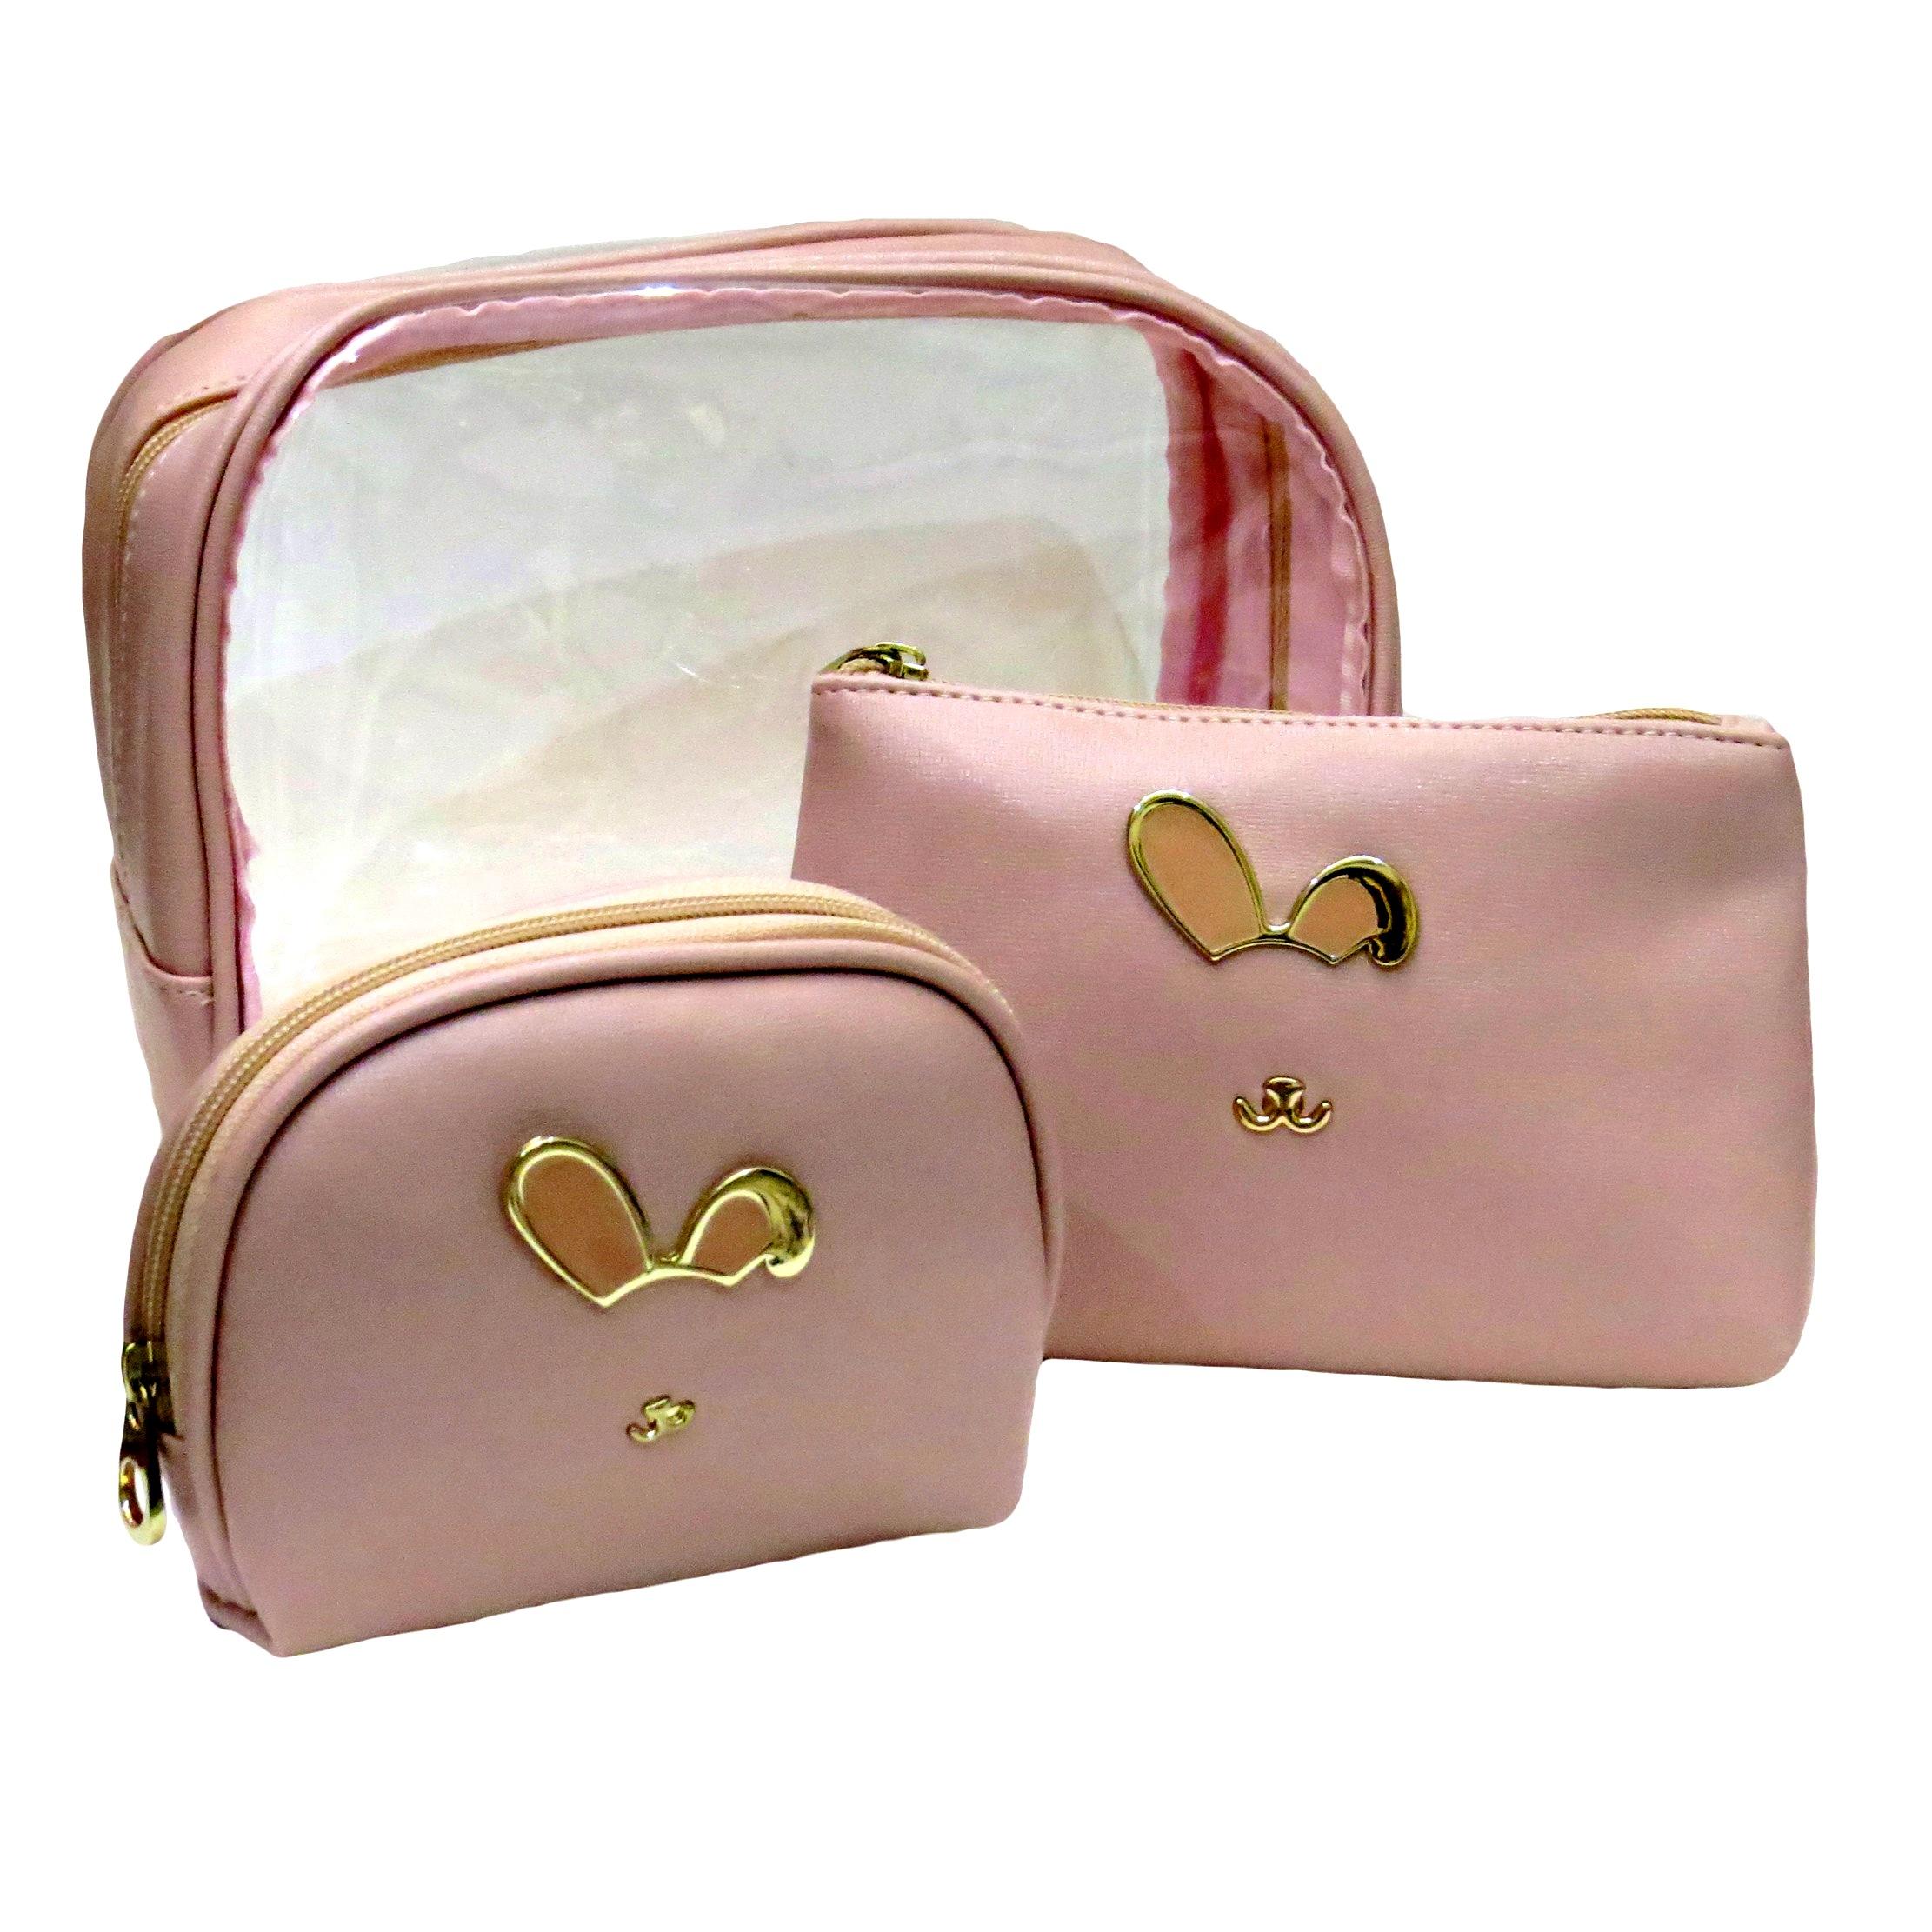 قیمت کیف لوازم آرایشی زنانه کد Ks_0120 مجموعه سه عددی